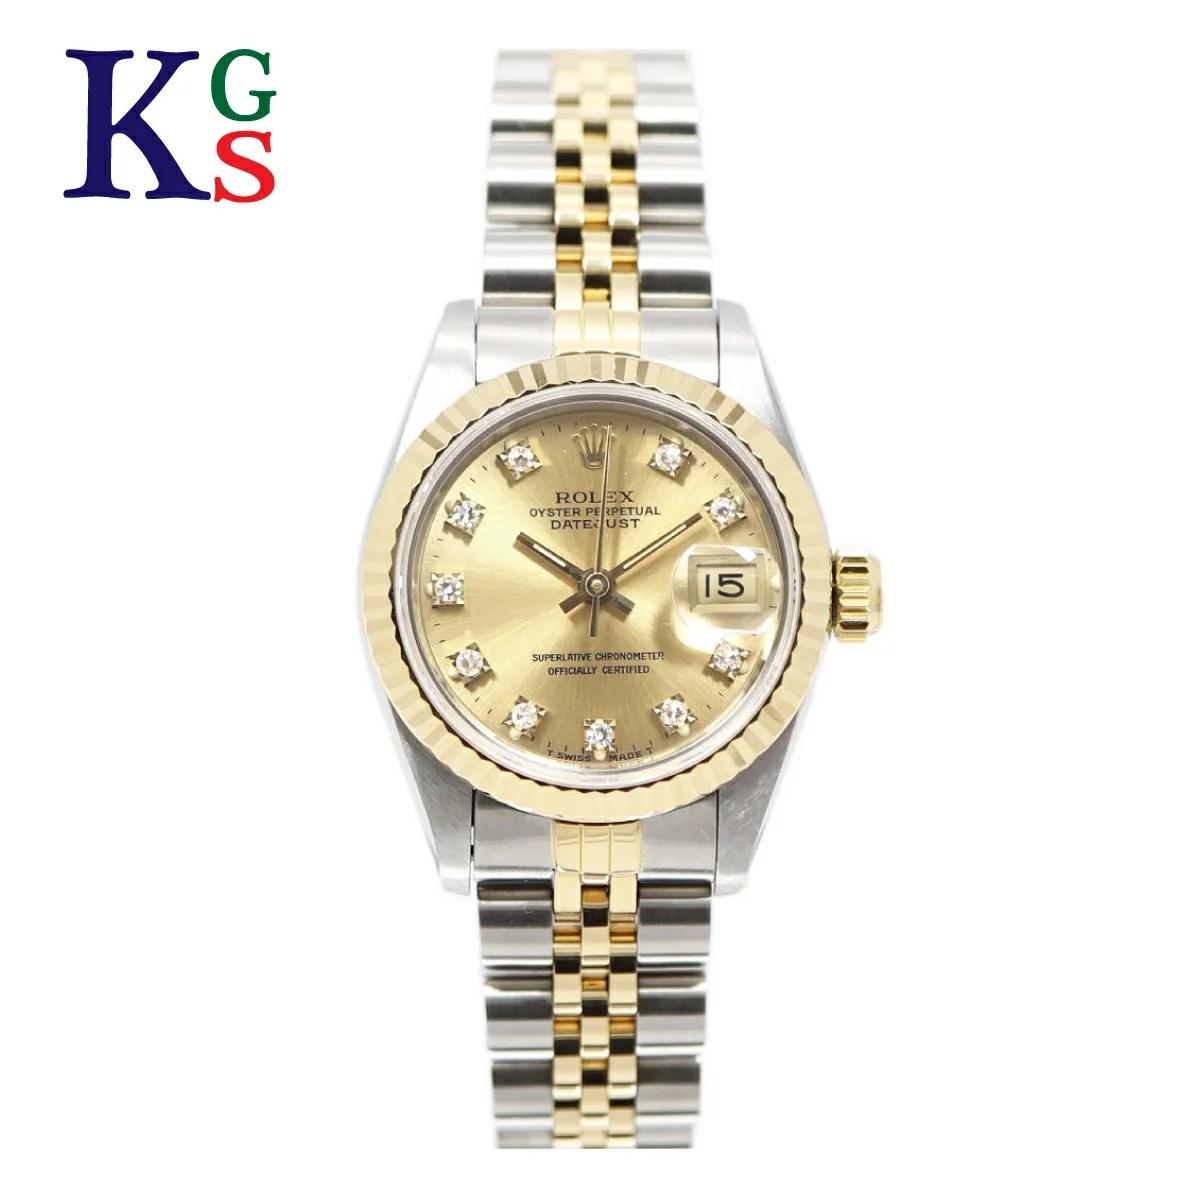 【ギフト品質】ロレックス/ROLEX レディース 腕時計 デ